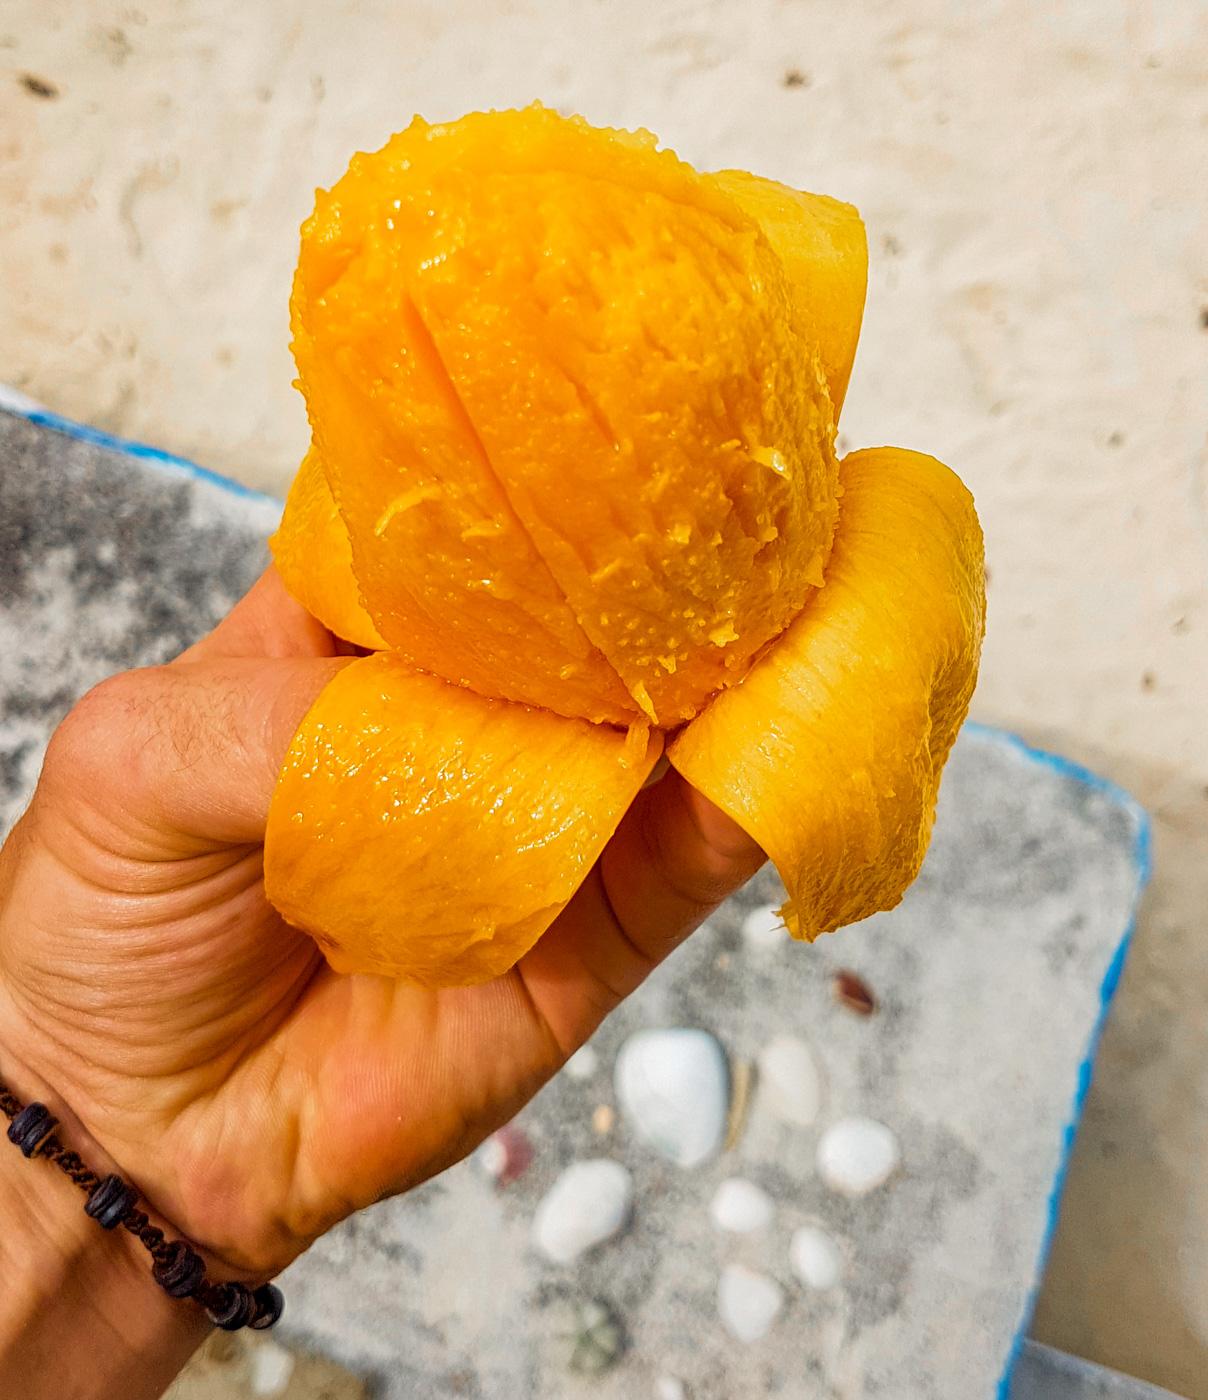 Die leckeren Philippinischen Mangos